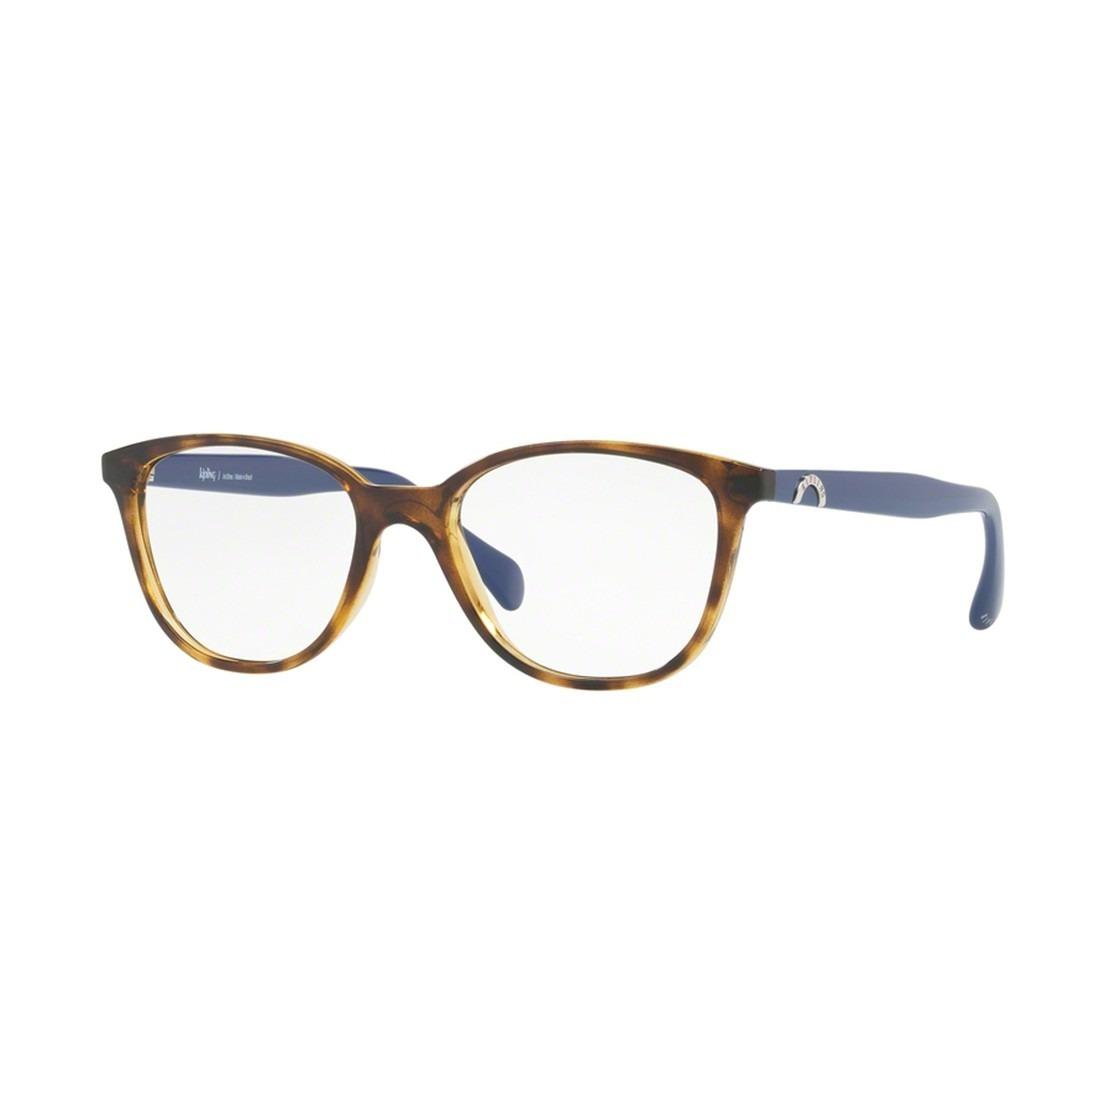 282705f01c Lente Kipling Oftalmico 3091 E679 - $ 1,125.00 en Mercado Libre